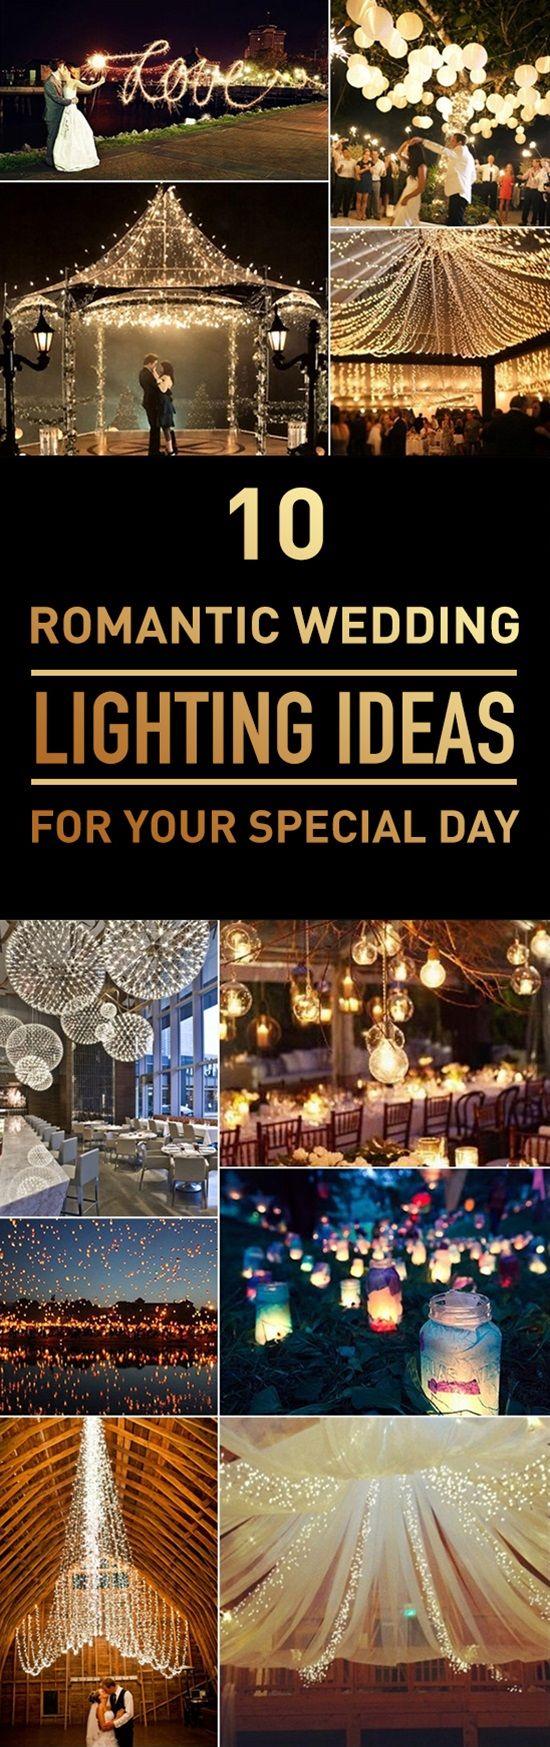 照明是您婚礼装饰的重要元素。它为你的婚礼设定了主题和心情,并且可以为你的婚礼增添一份舒适和快乐的感觉。无论您是使用蜡烛,灯泡,灯串,灯笼还是吊灯,在选择适合您的婚礼主题的适当照明时,您都应该花点时间。为了帮助您完成此任务,在此列表中,我们为您带来不同的创意照明灵感。